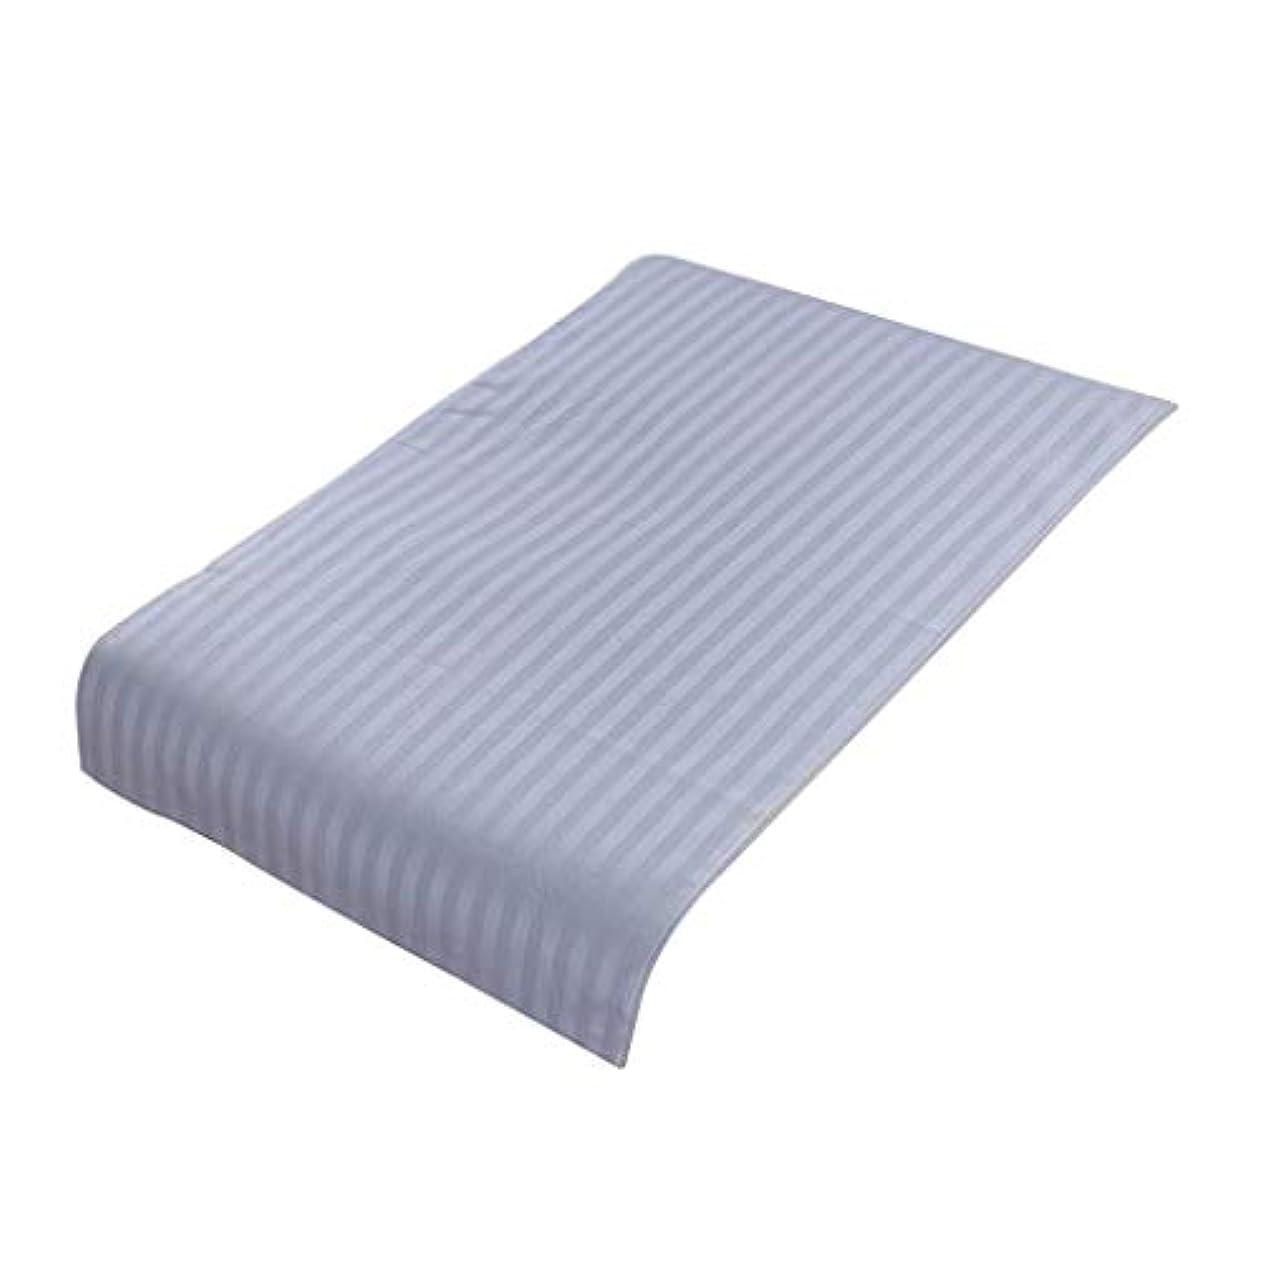 観察する副有限美容院ベッドカバー 断面 スパ マッサージベッドスカート ピュアコットン 快適 (90×60cm) - ライトブルー